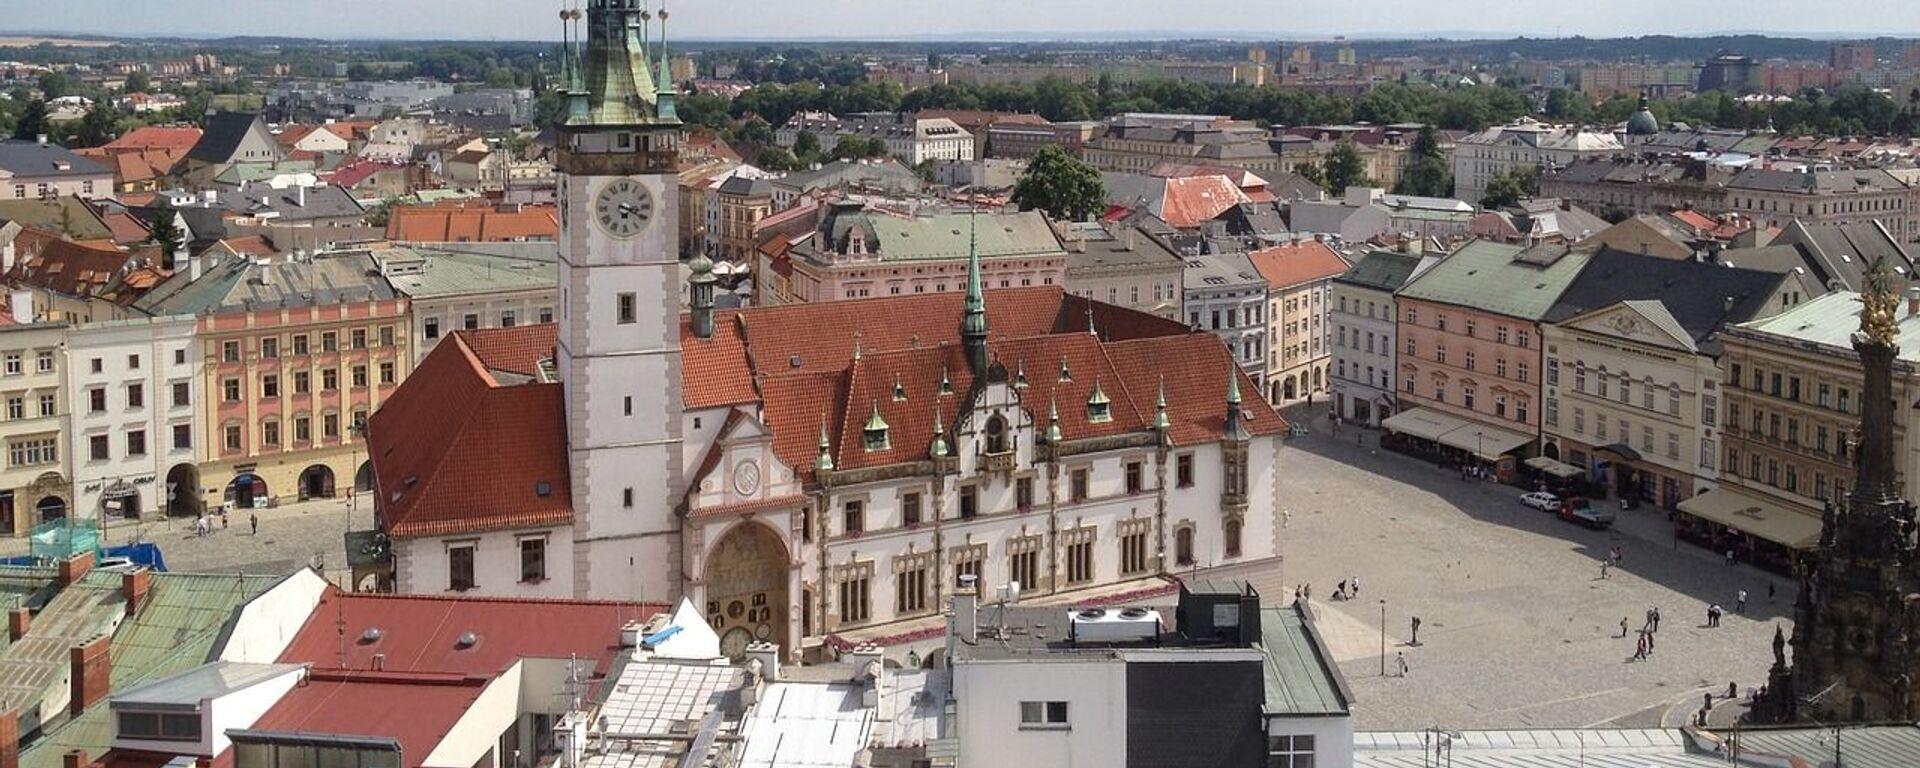 Olomouc - Sputnik Česká republika, 1920, 24.06.2021